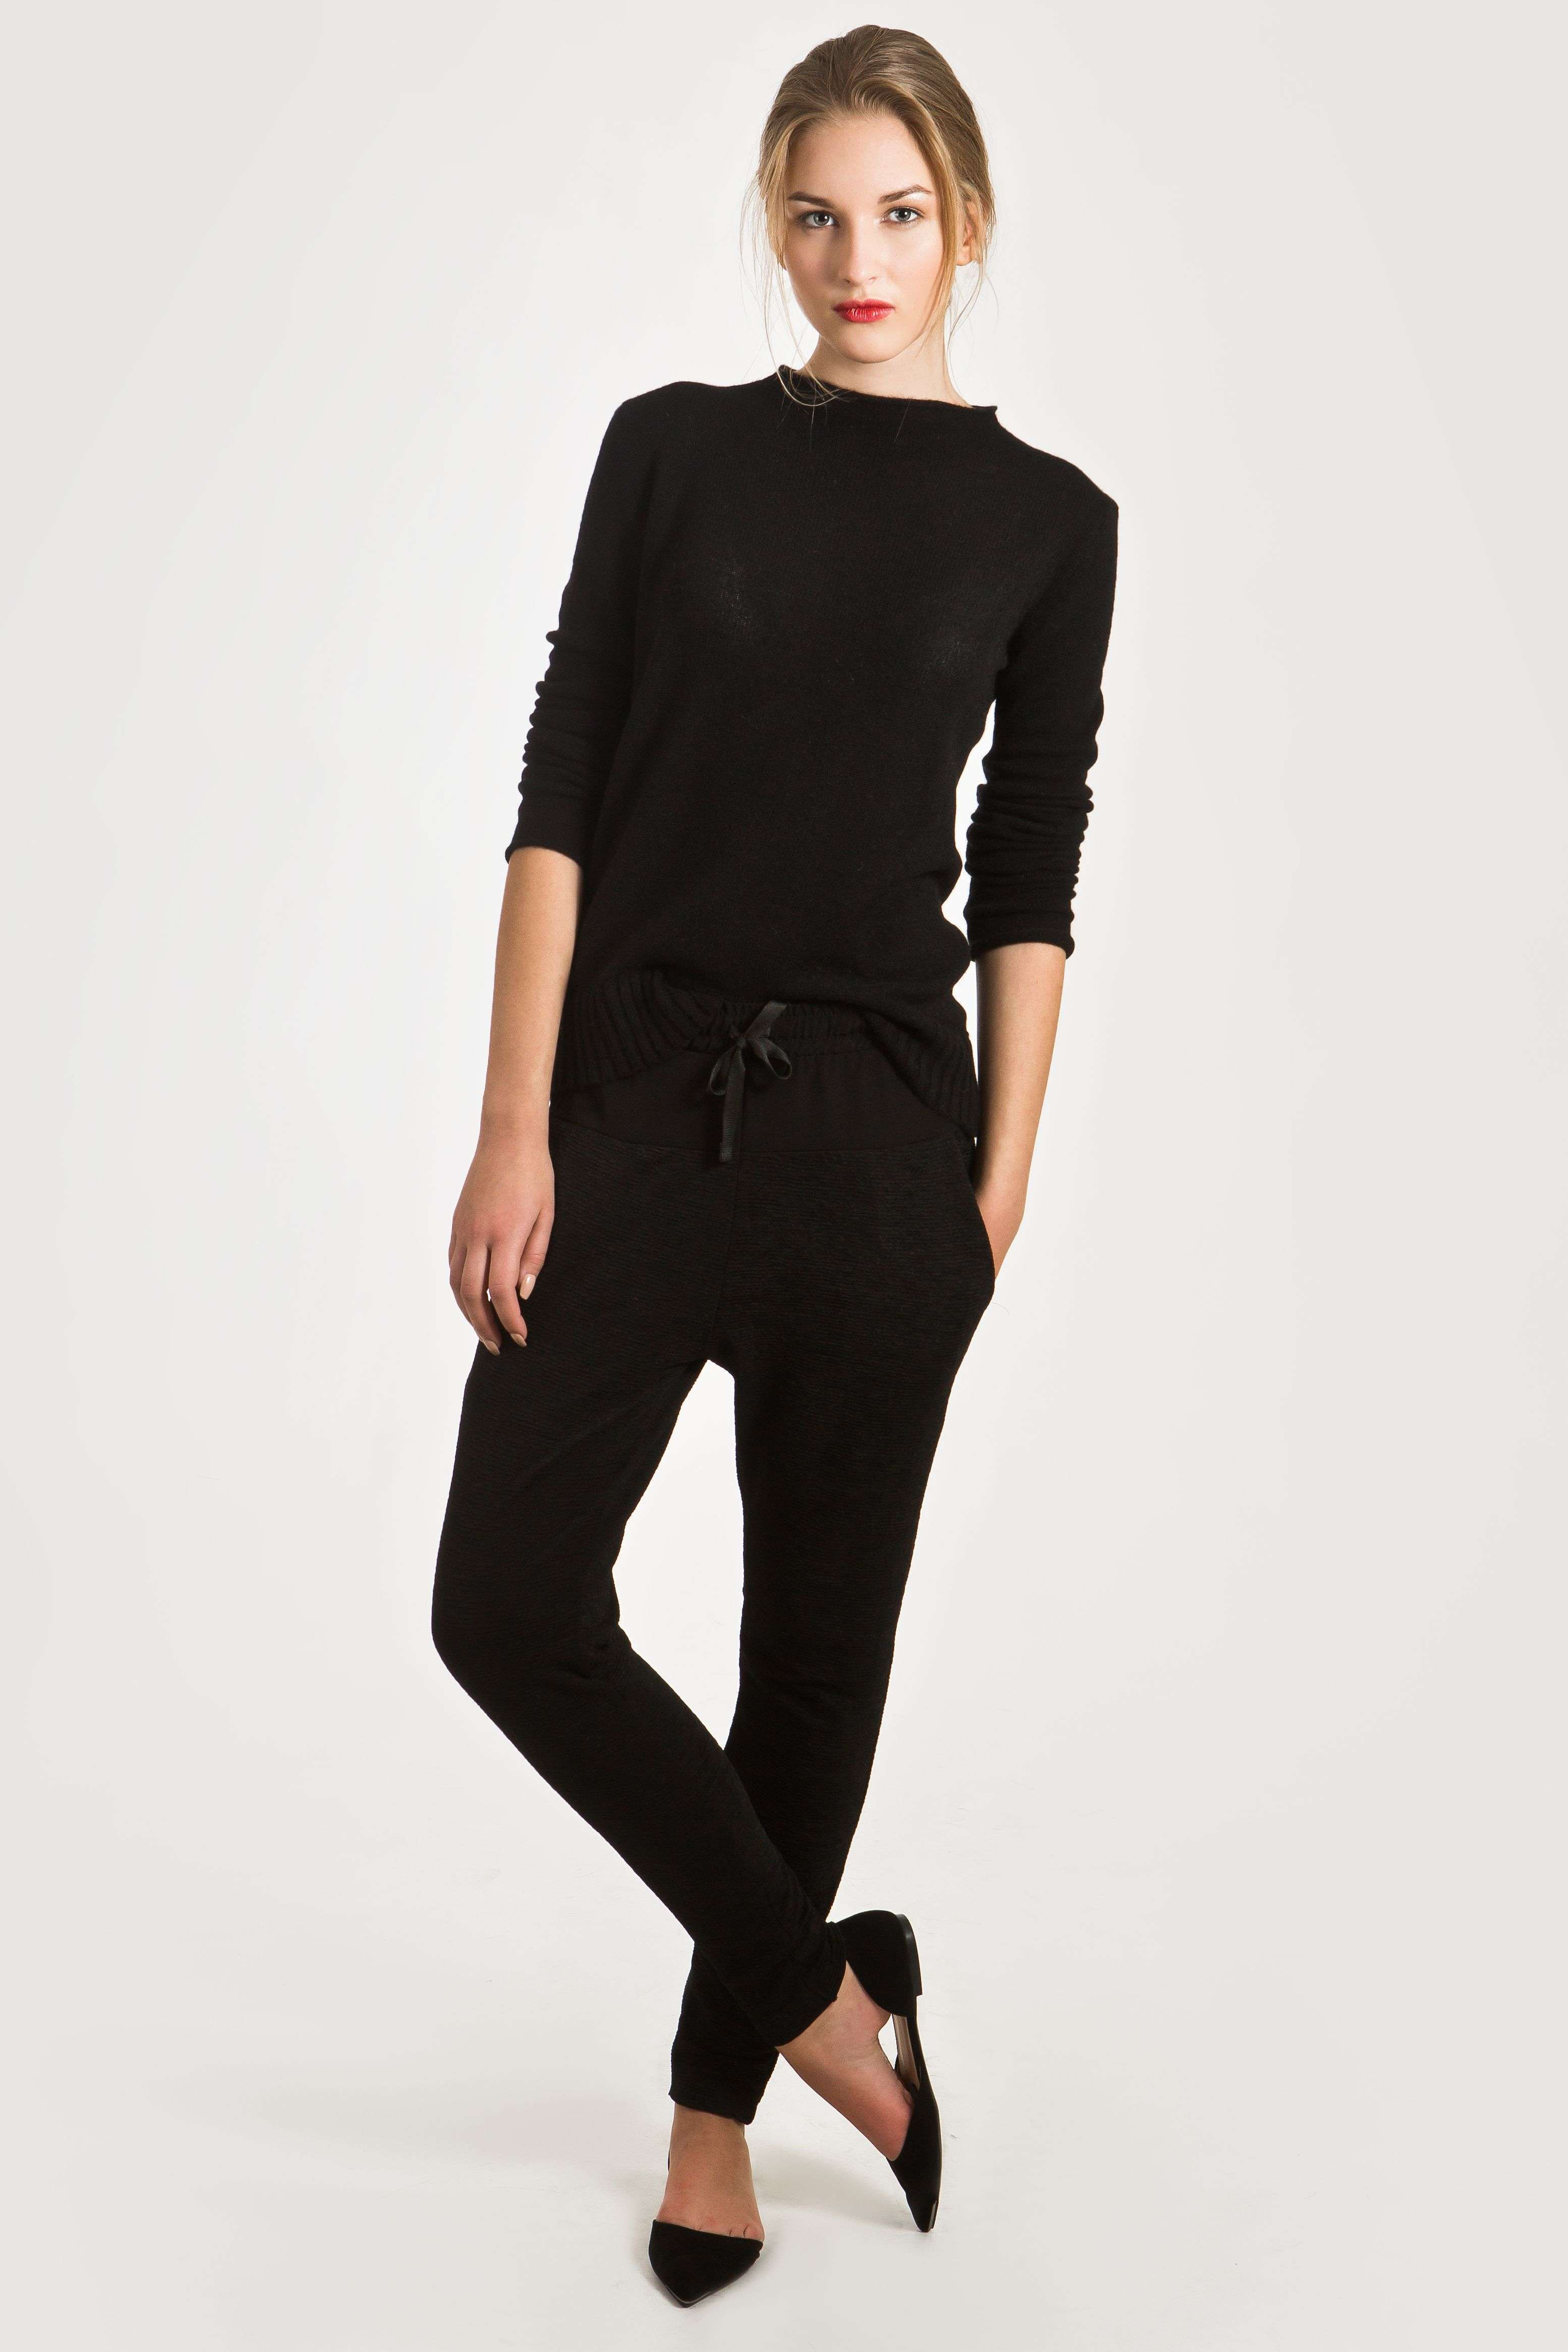 2f5e4dfb5c36 Black cashmere crew neck womens sweater damen pullover ANNA